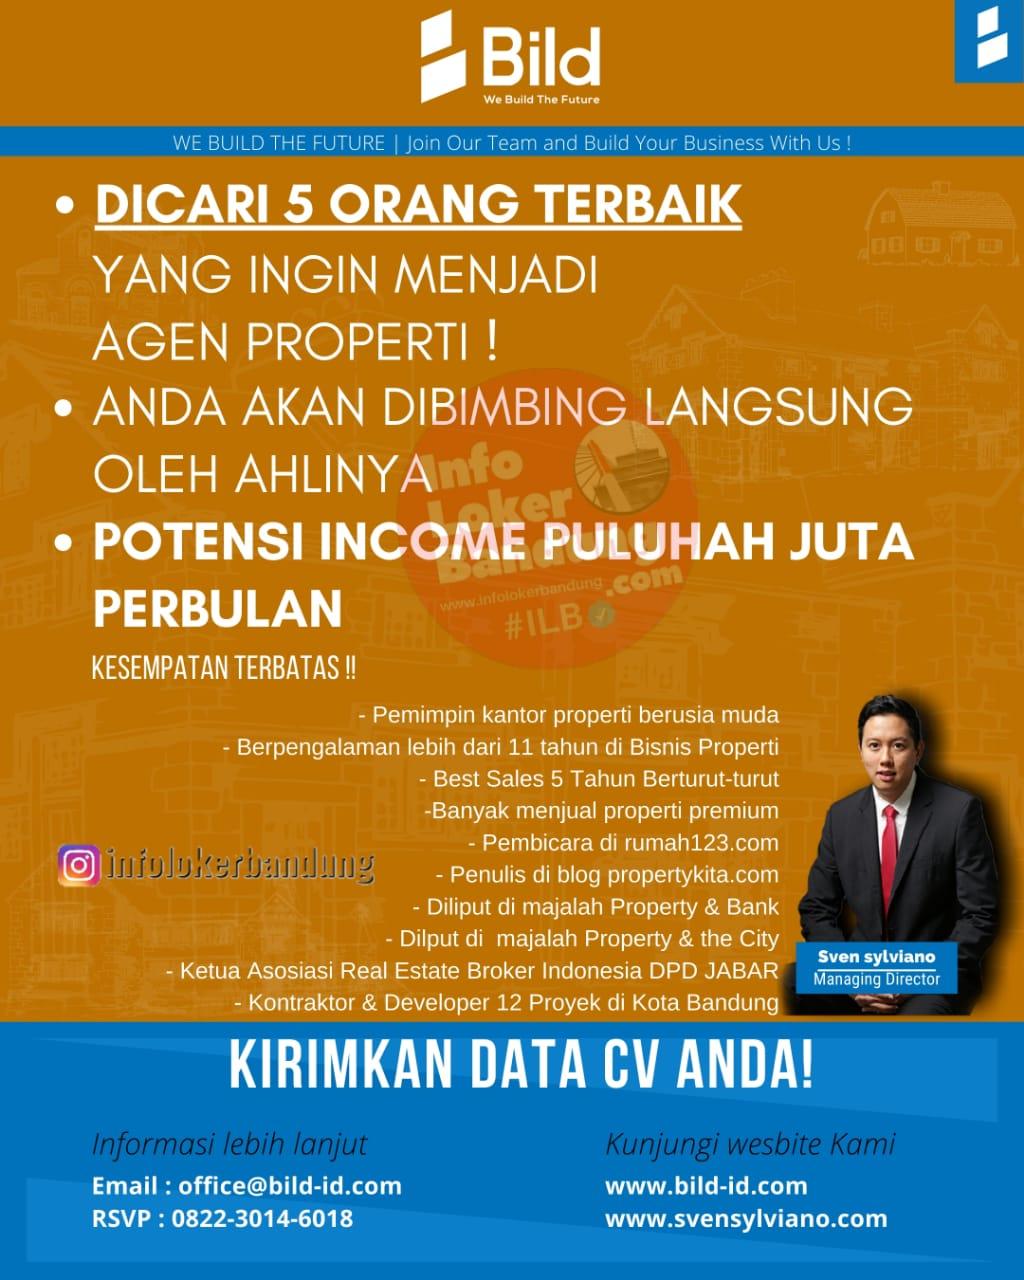 Lowongan Kerja Bild Bandung Januari 2021